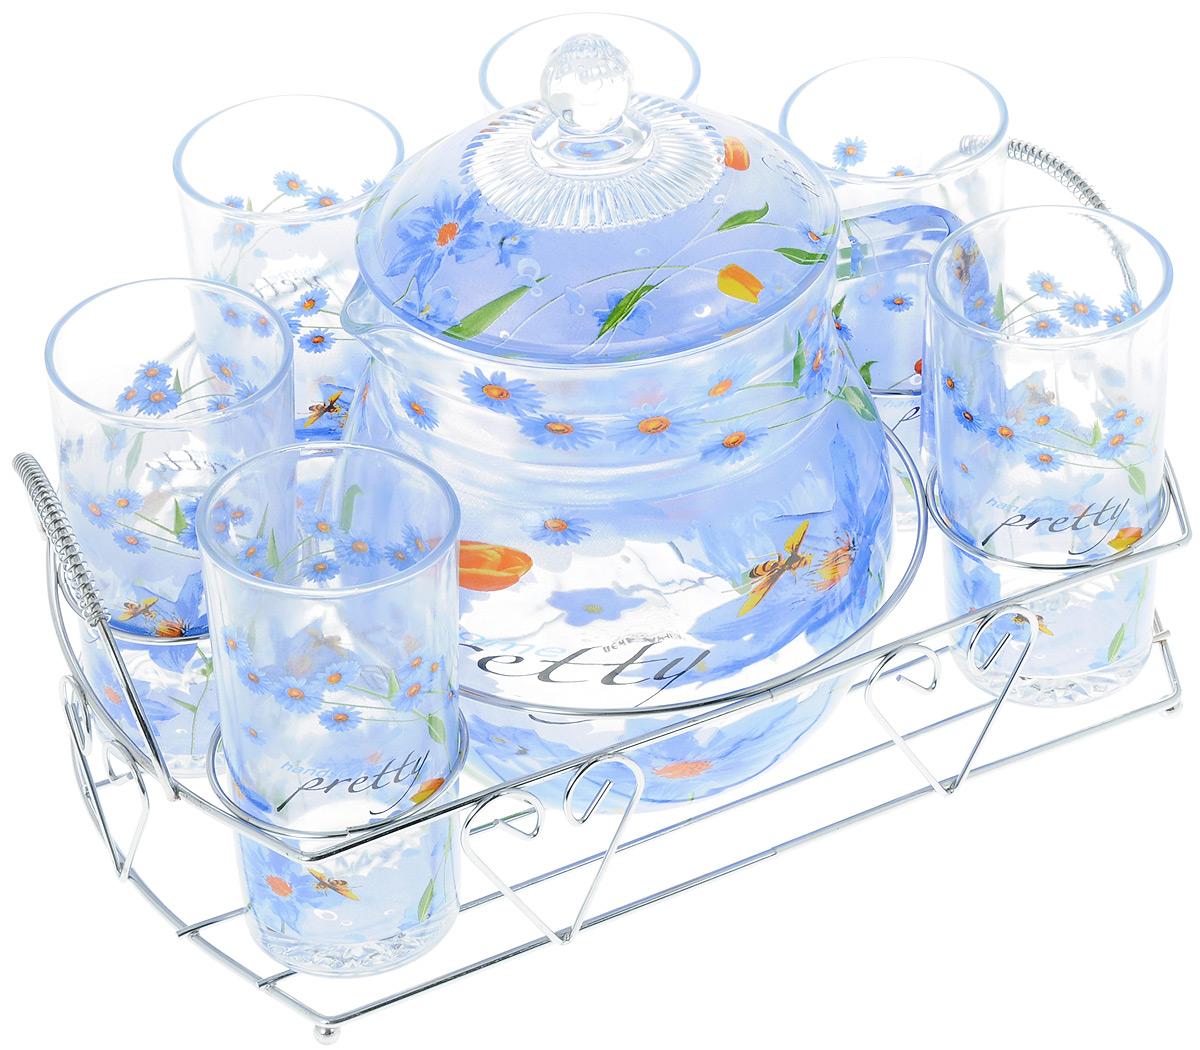 Набор для воды Bekker, на подставке, 8 предметовVT-1520(SR)Набор для воды Bekker, выполненный из высококачественного стекла, состоит из шести высоких стаканов и графина с крышкой. Набор выполнен в элегантном дизайне с рисунком в виде цветов. Предметы набора располагаются на изящной металлической подставке с двумя ручками. Набор для воды Bekker украсит сервировку стола, а также станет отличным подарком на любой праздник.Можно мыть в посудомоечной машине.Высота стенки графина: 14 см. Диаметр графина по верхнему краю: 11,5 см. Объем графина: 1,6 л. Диаметр стакана по верхнему краю: 6 см. Высота стакана: 12 см. Объем стакана: 252 мл. Размер подставки (Д х Ш х В): 30 х 23,5 х 11 см.